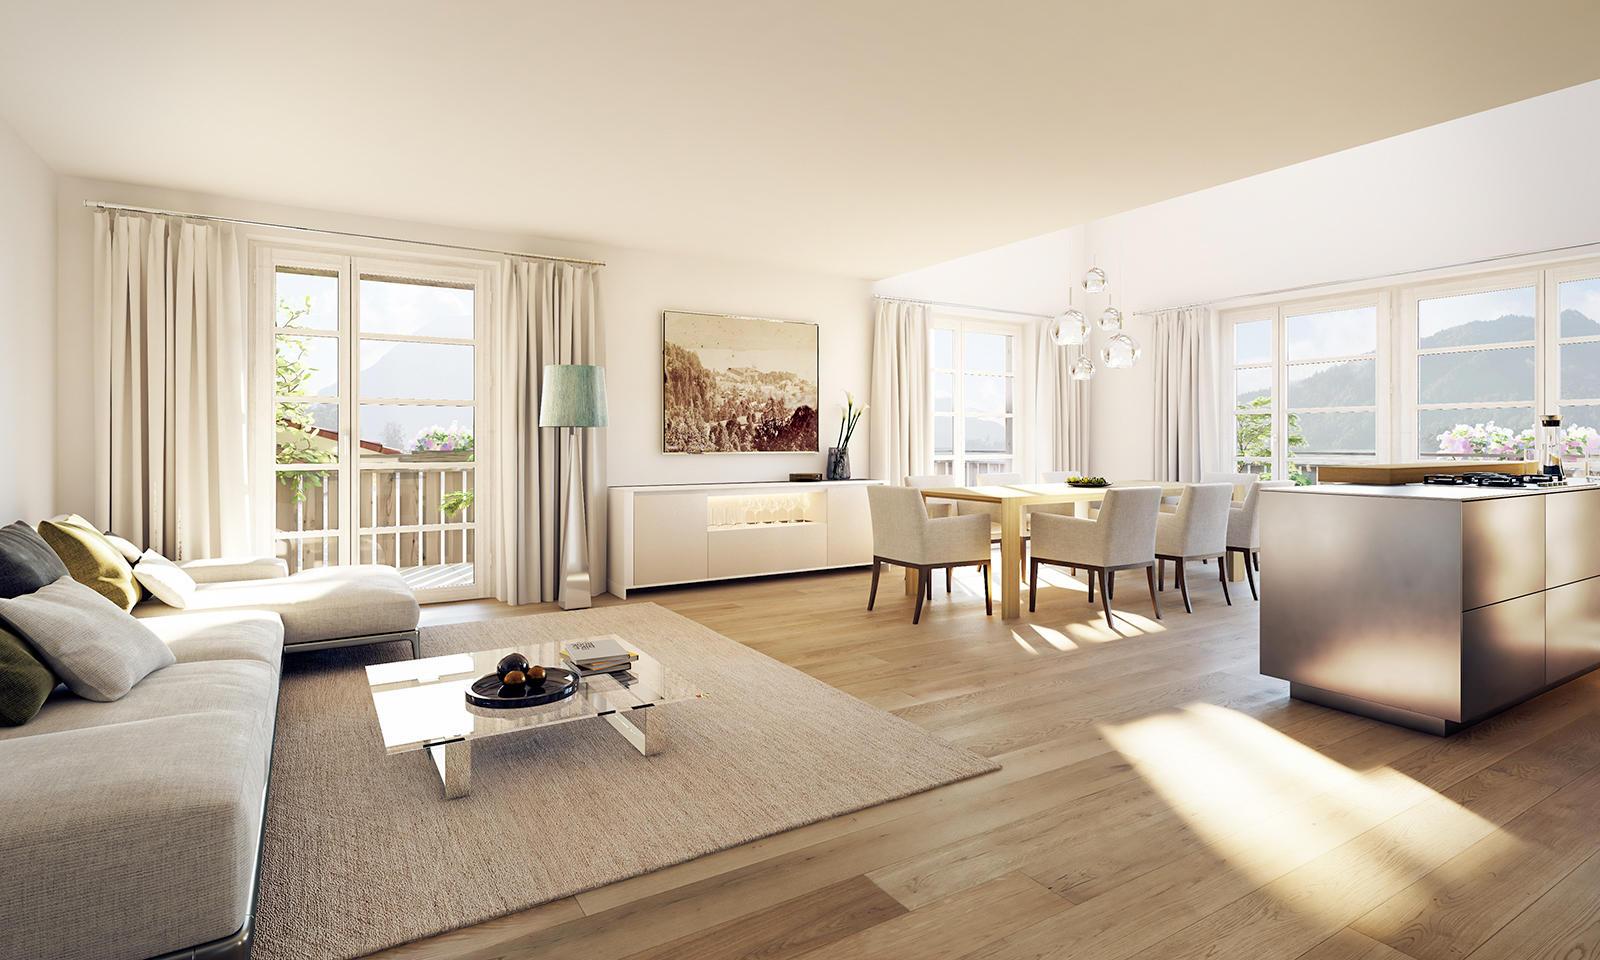 Foto de Quartier Tegernsee – Exklusive Eigentumswohnungen & Appartements